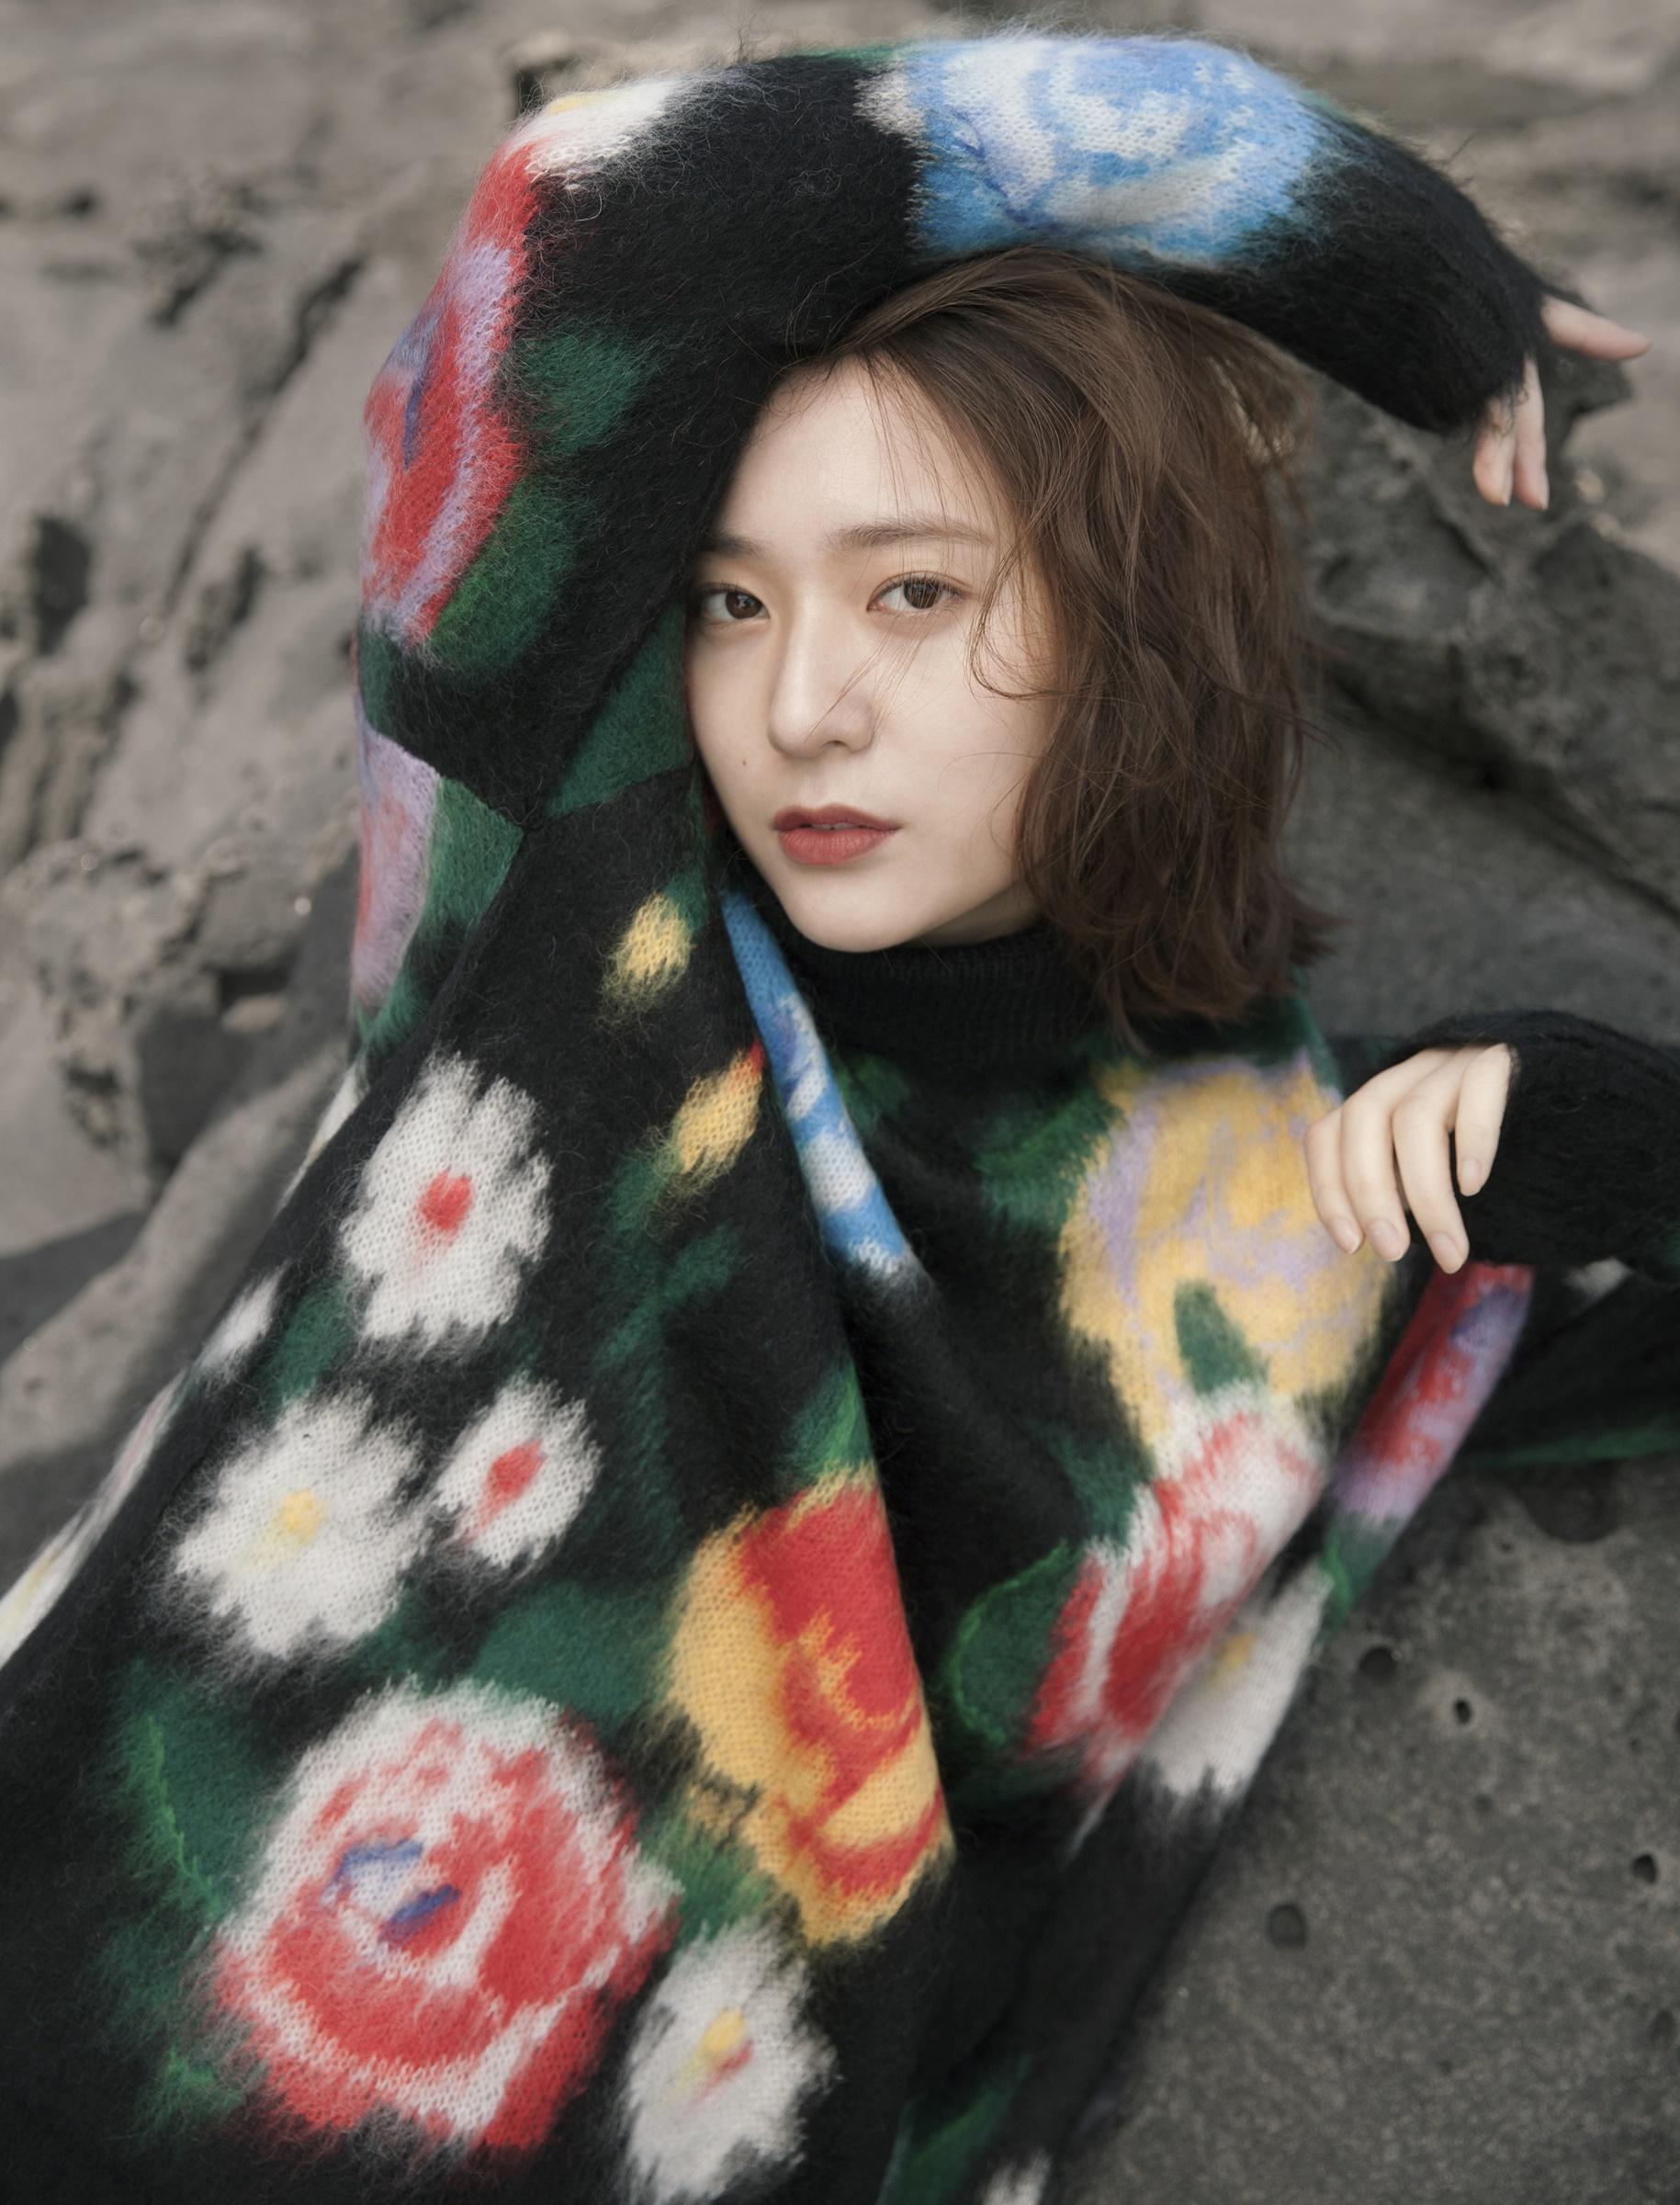 """크리스탈, 세계적인 패션 매거진에서 """"아시아 대표 뮤즈""""로 선정! 신비로운 매력의 화보 공개! '눈길'"""